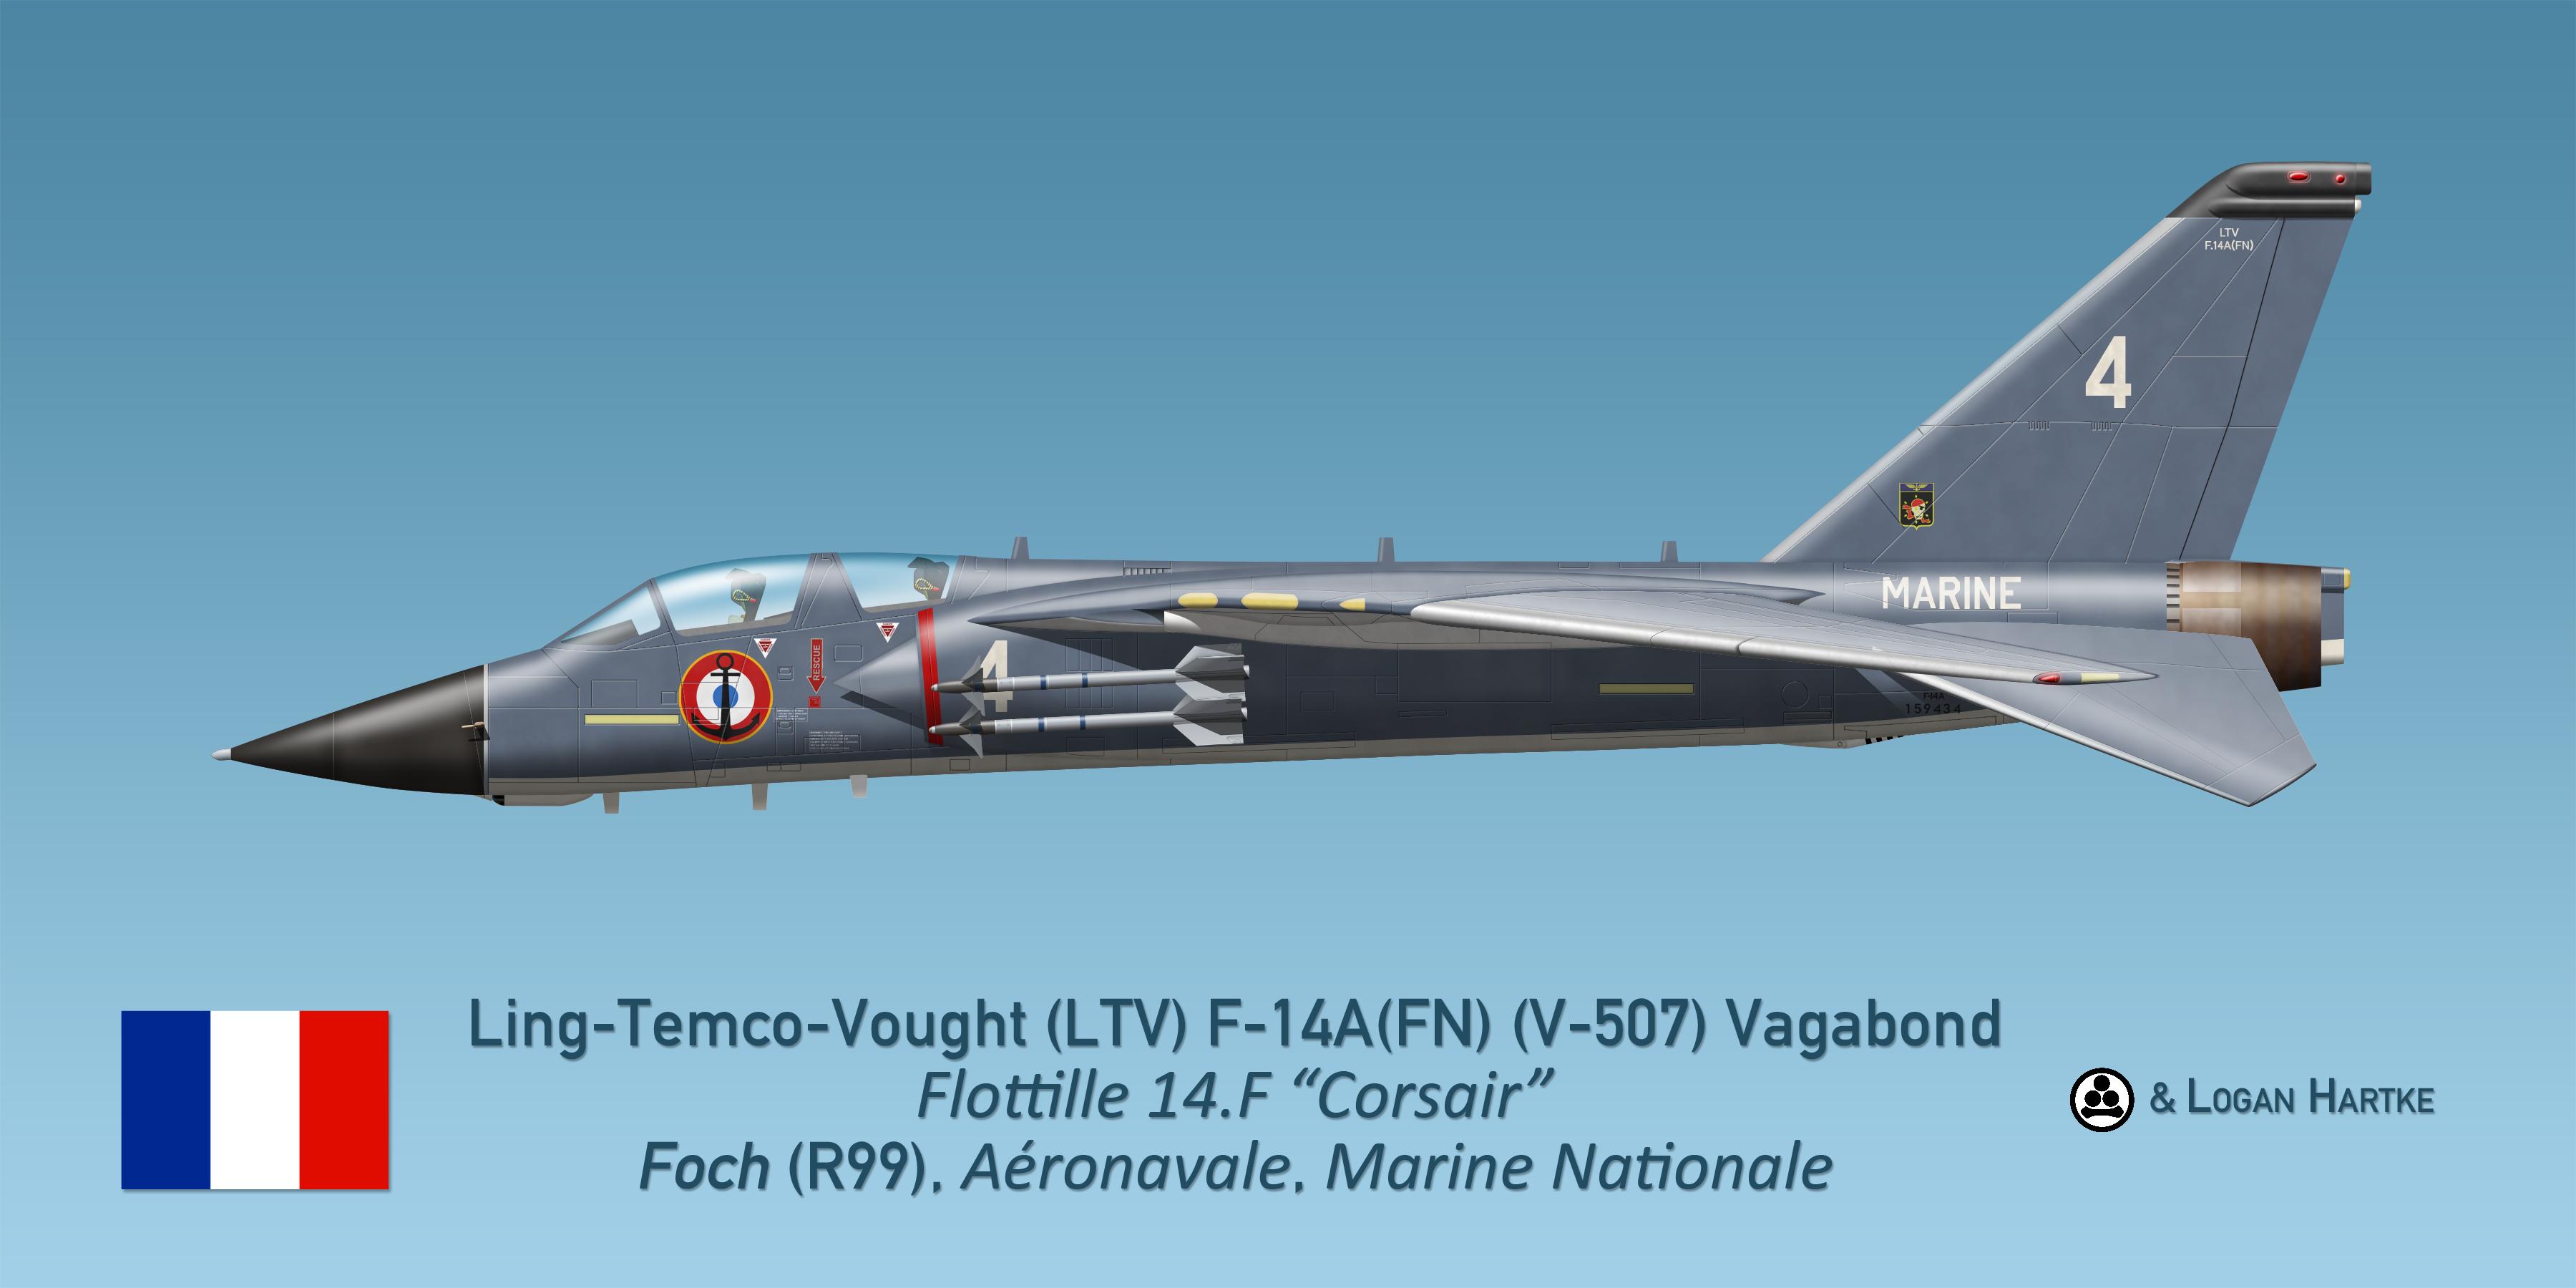 Aeronavale V-507 F-14A Vagabond - Flottille 14F by comradeloganov